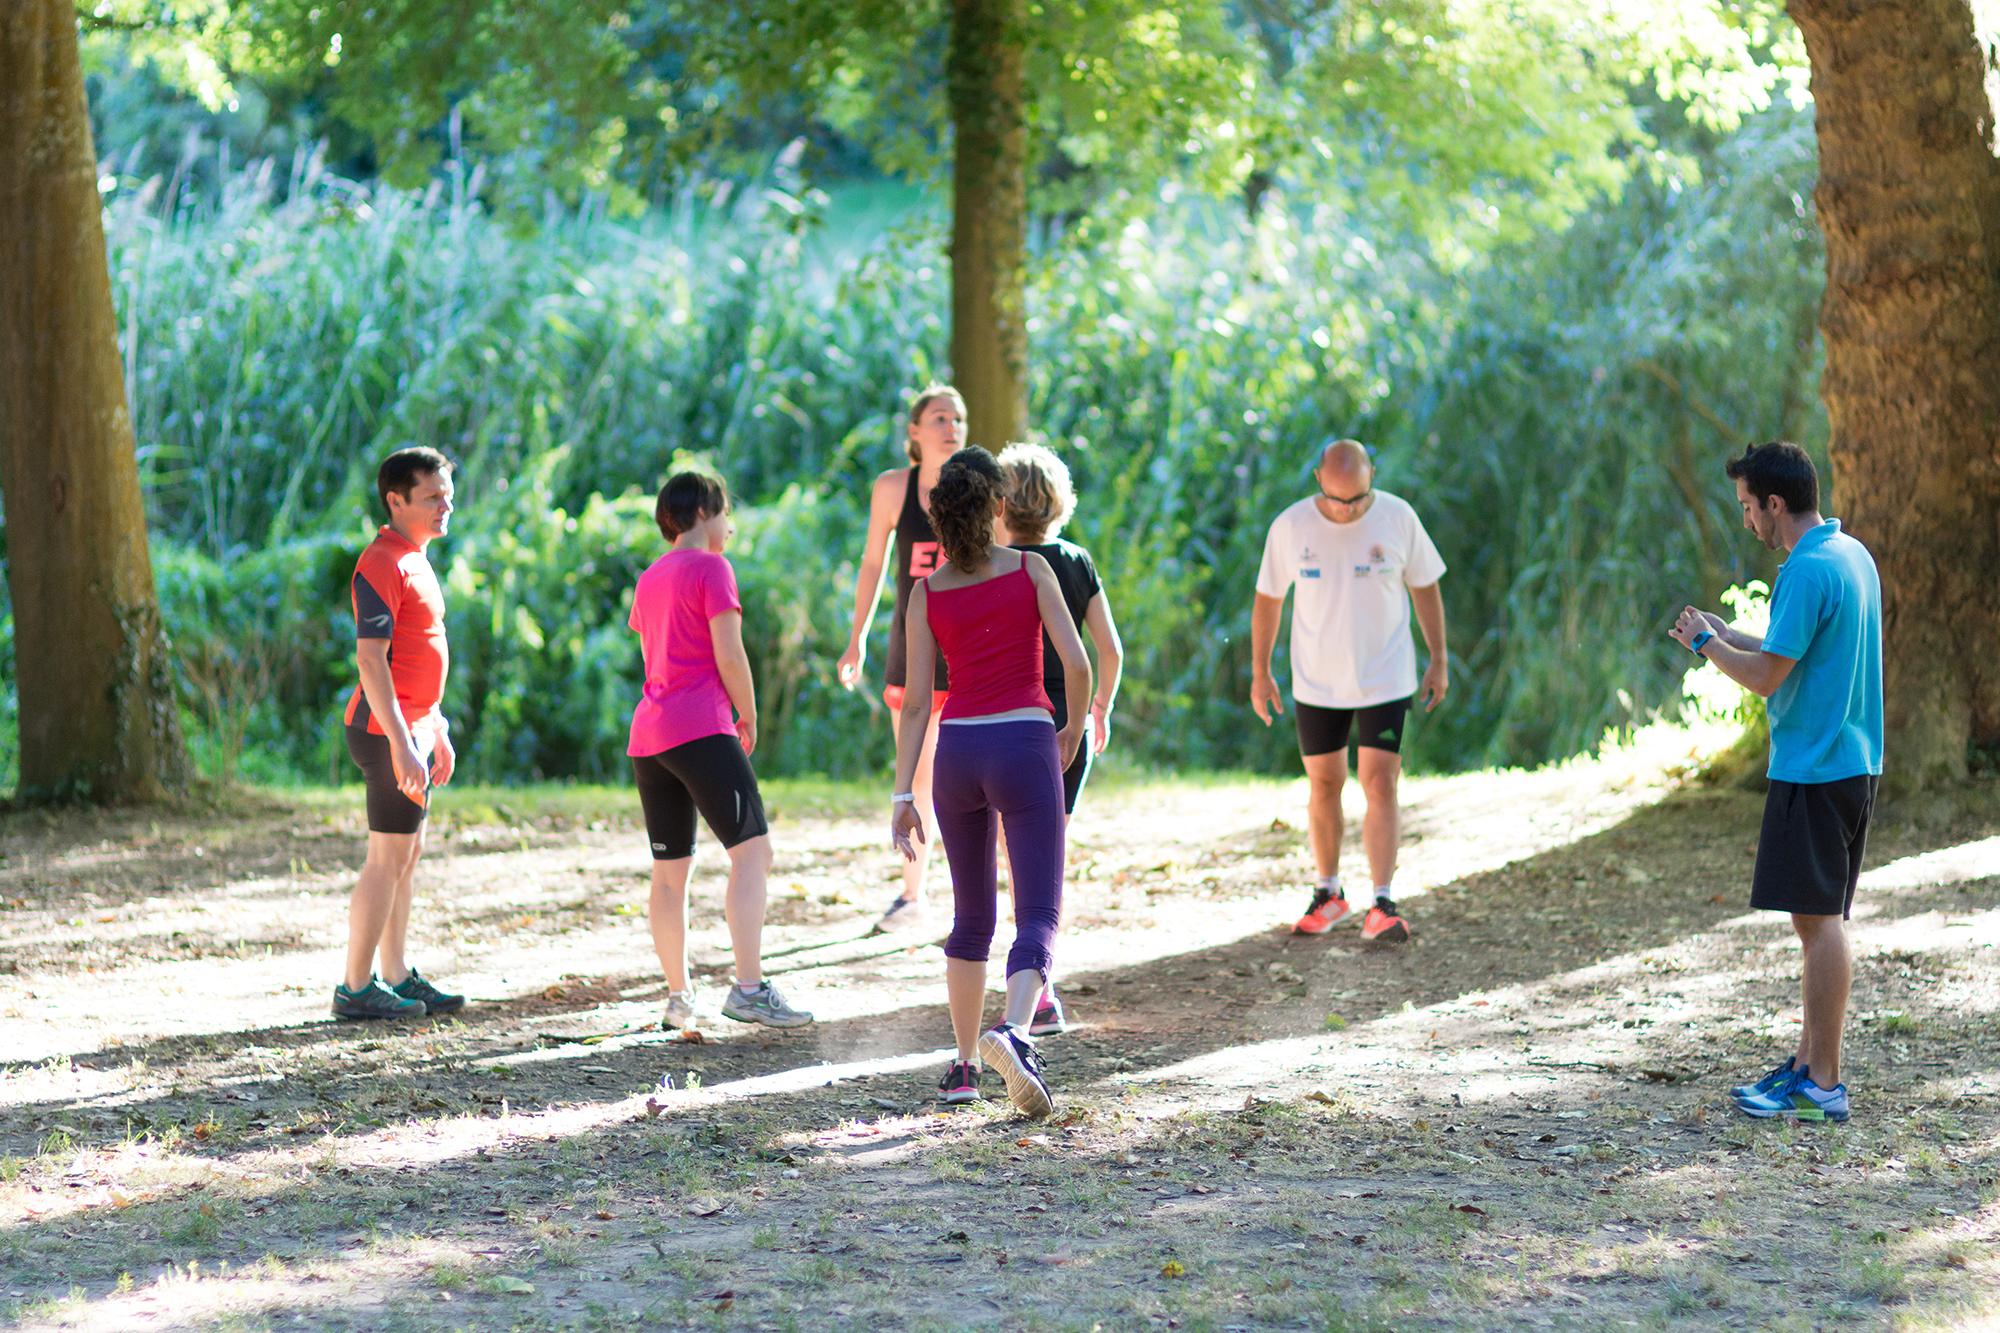 Séance de coaching sportif en extérieur avec Sport et Santé Nantes.